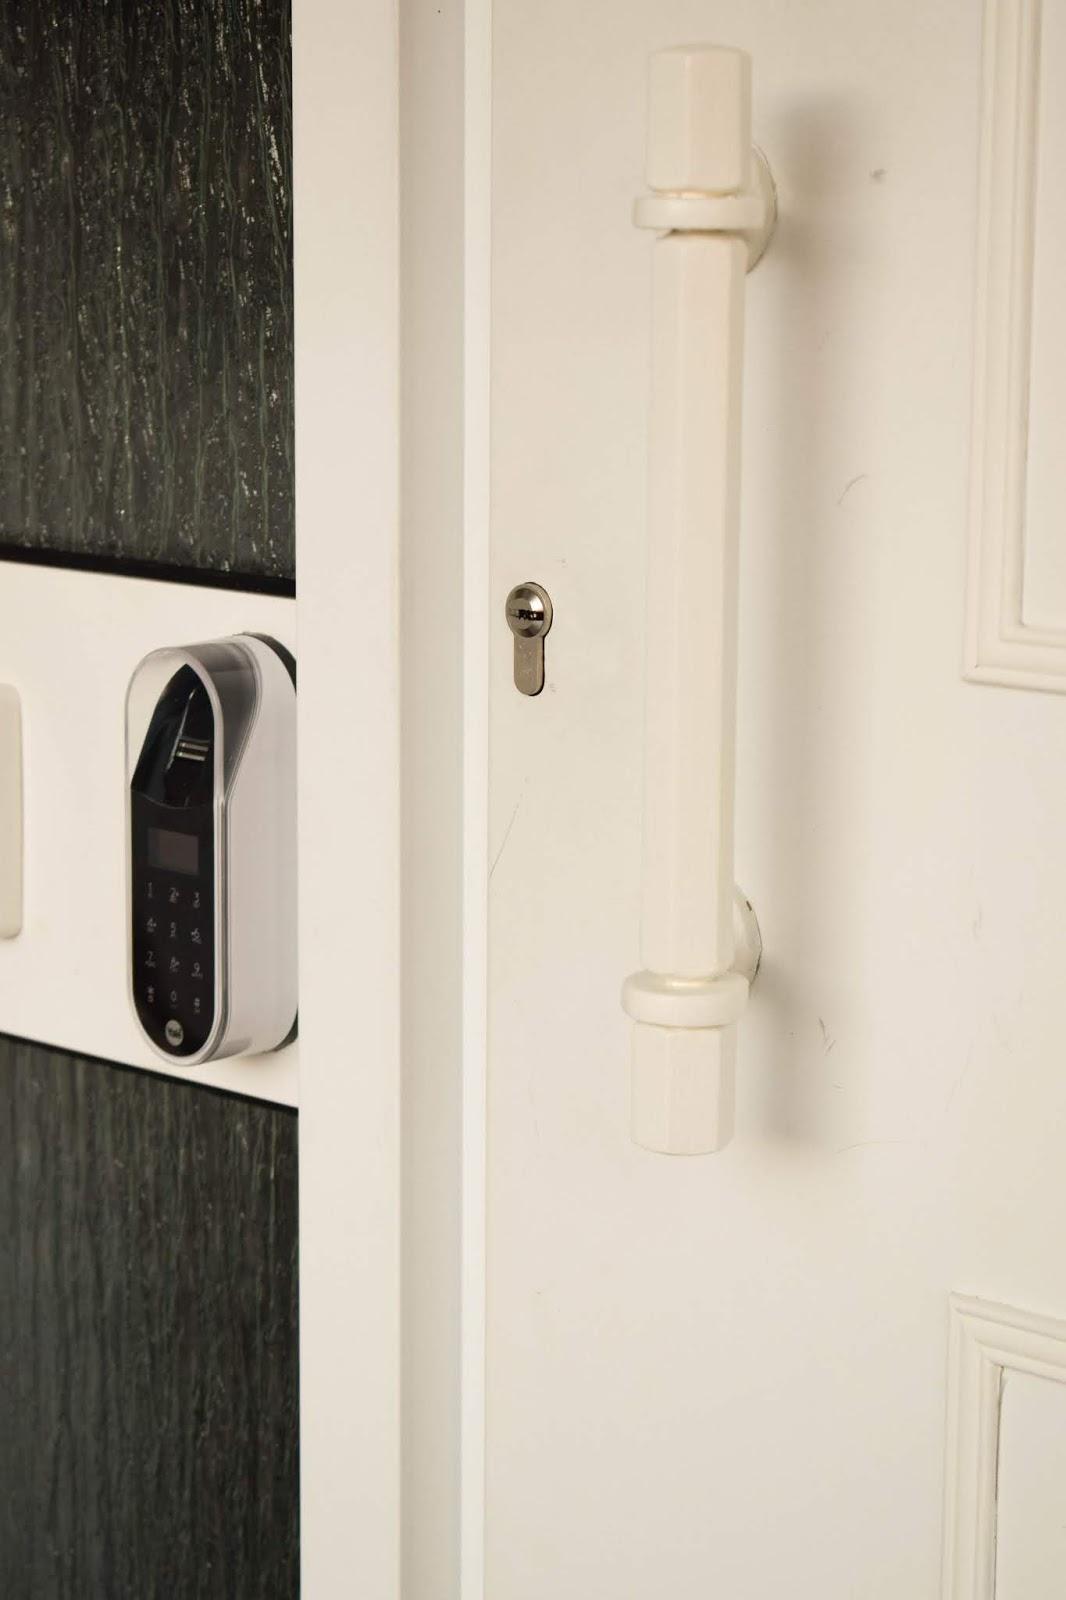 Yale Entr Smartlock: smartes Türschloss für Haustüre. Schliesssystem und intelligente Schliessloesung. Smart Home Ideen. Renovierung Tür, Eingang, Diele.